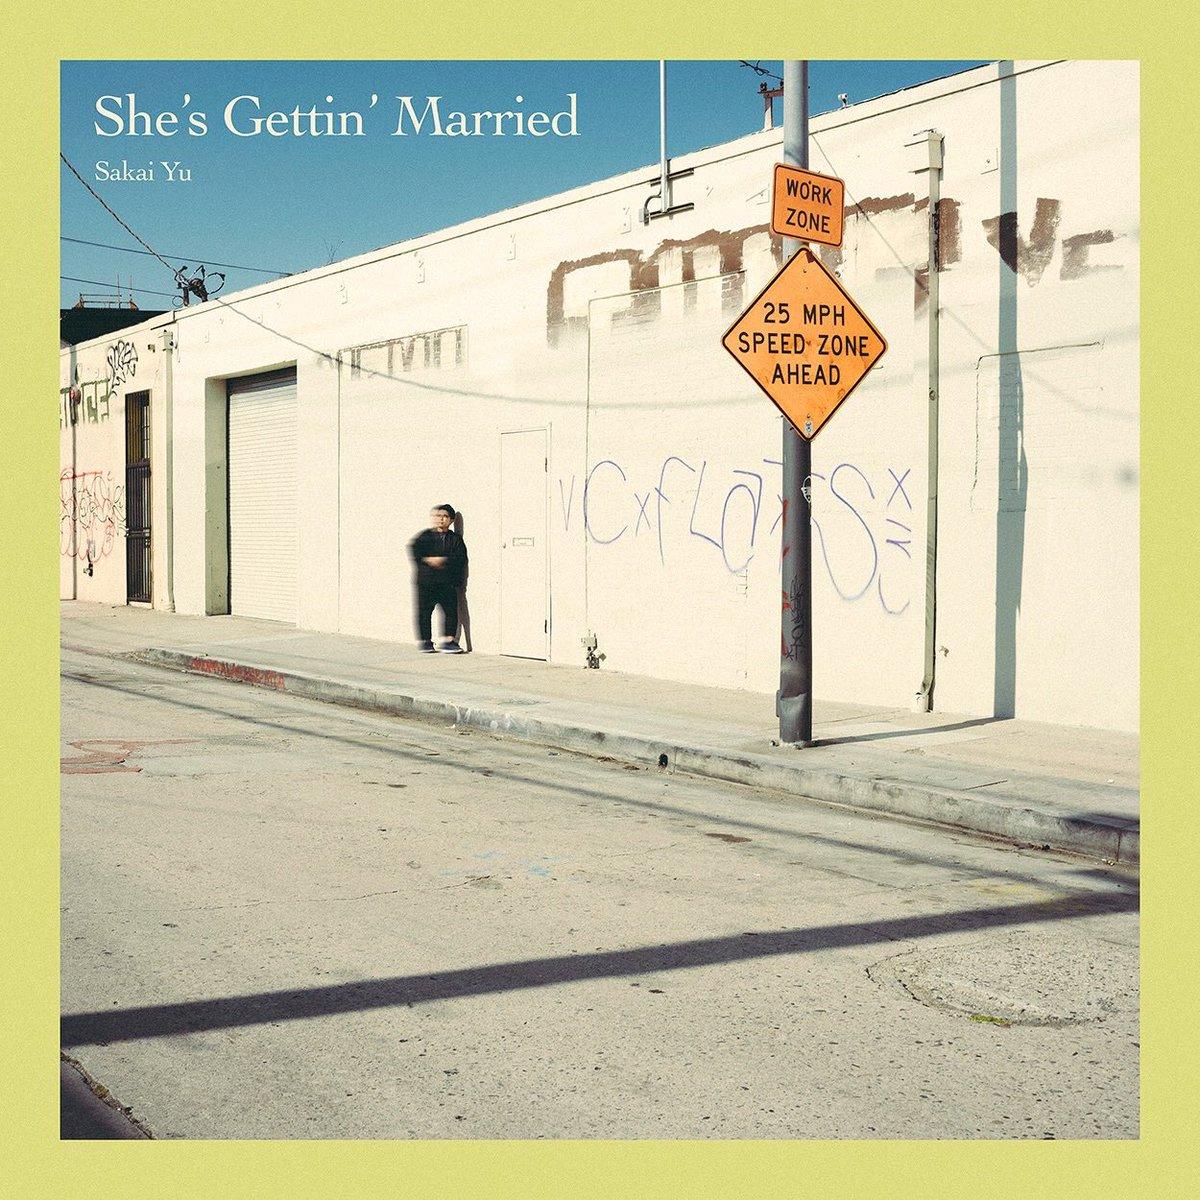 #さかいゆう 新曲「She's Gettin' Married」本日配信スタートです。今作は、#Incognito の #Bluey がプロデュース!さらに #Jamiroquai のベーシスト #StuartZender も参加!ぜひお聴きください!